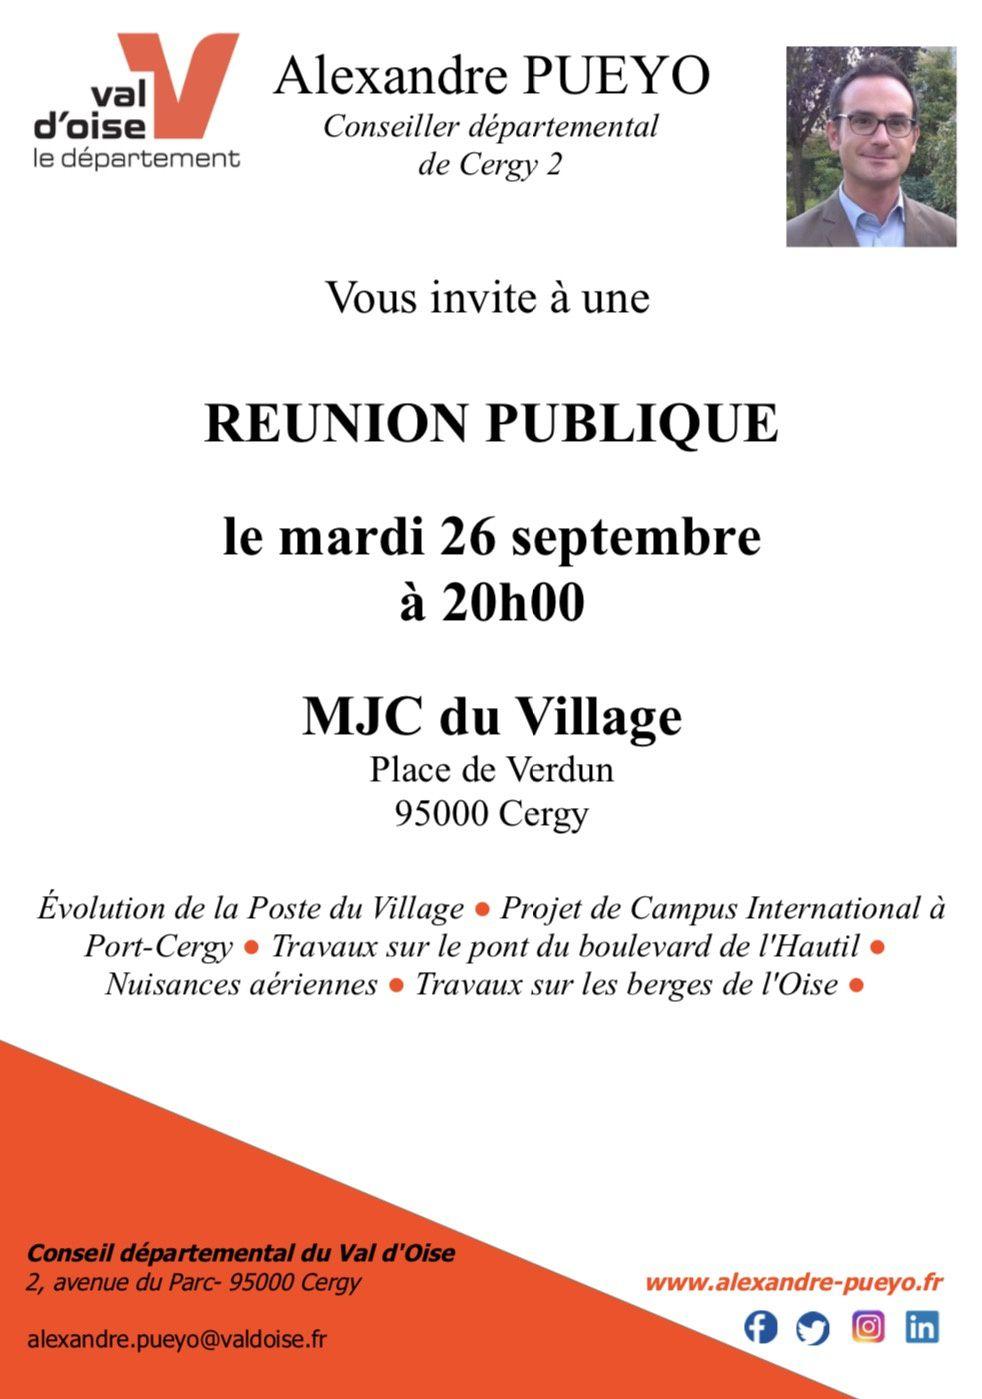 Invitation : Réunion publique le mardi 26 septembre